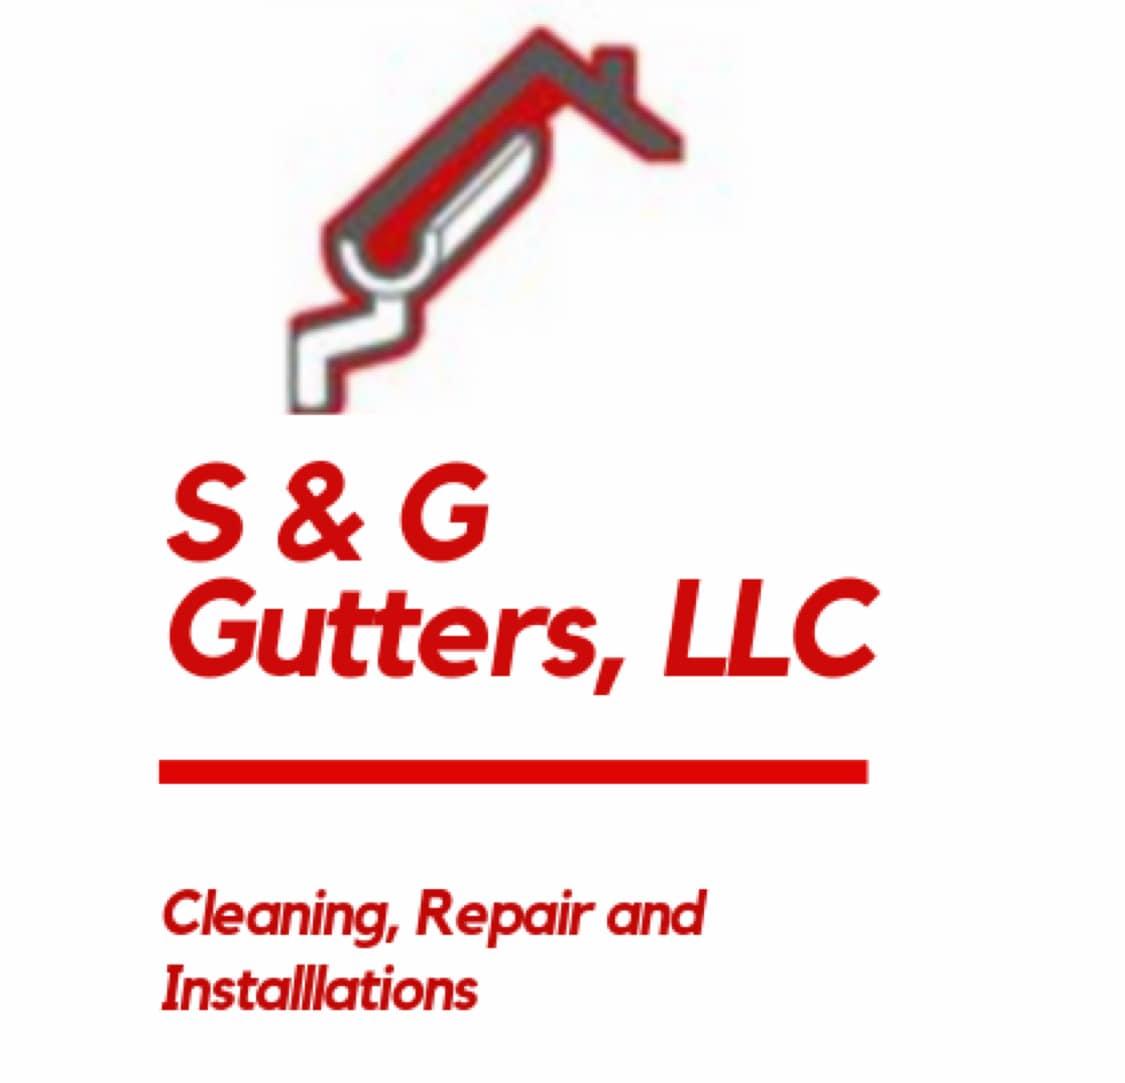 S & G Gutters LLC